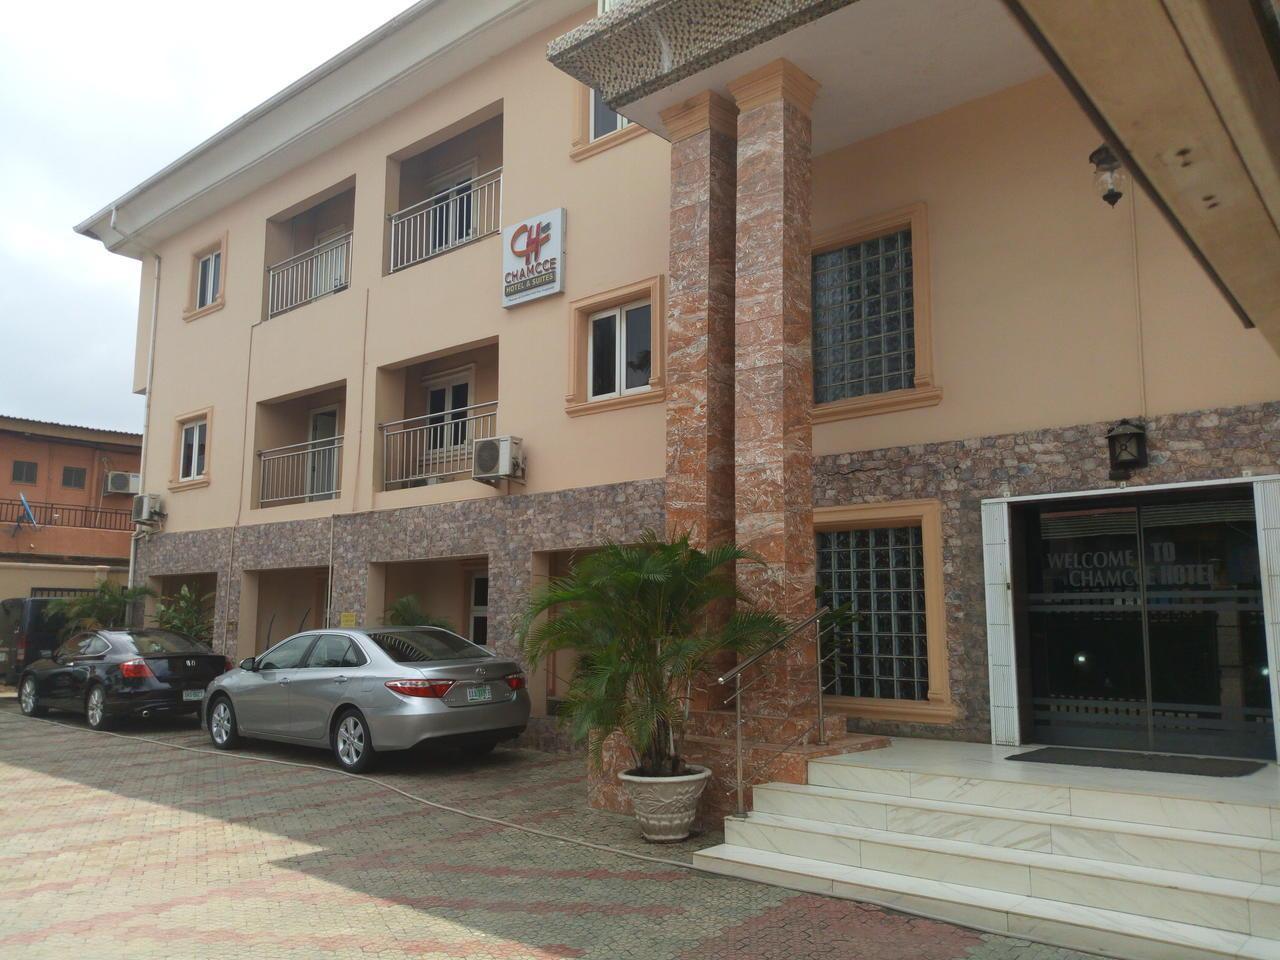 Chamcce Hotel, Mushin